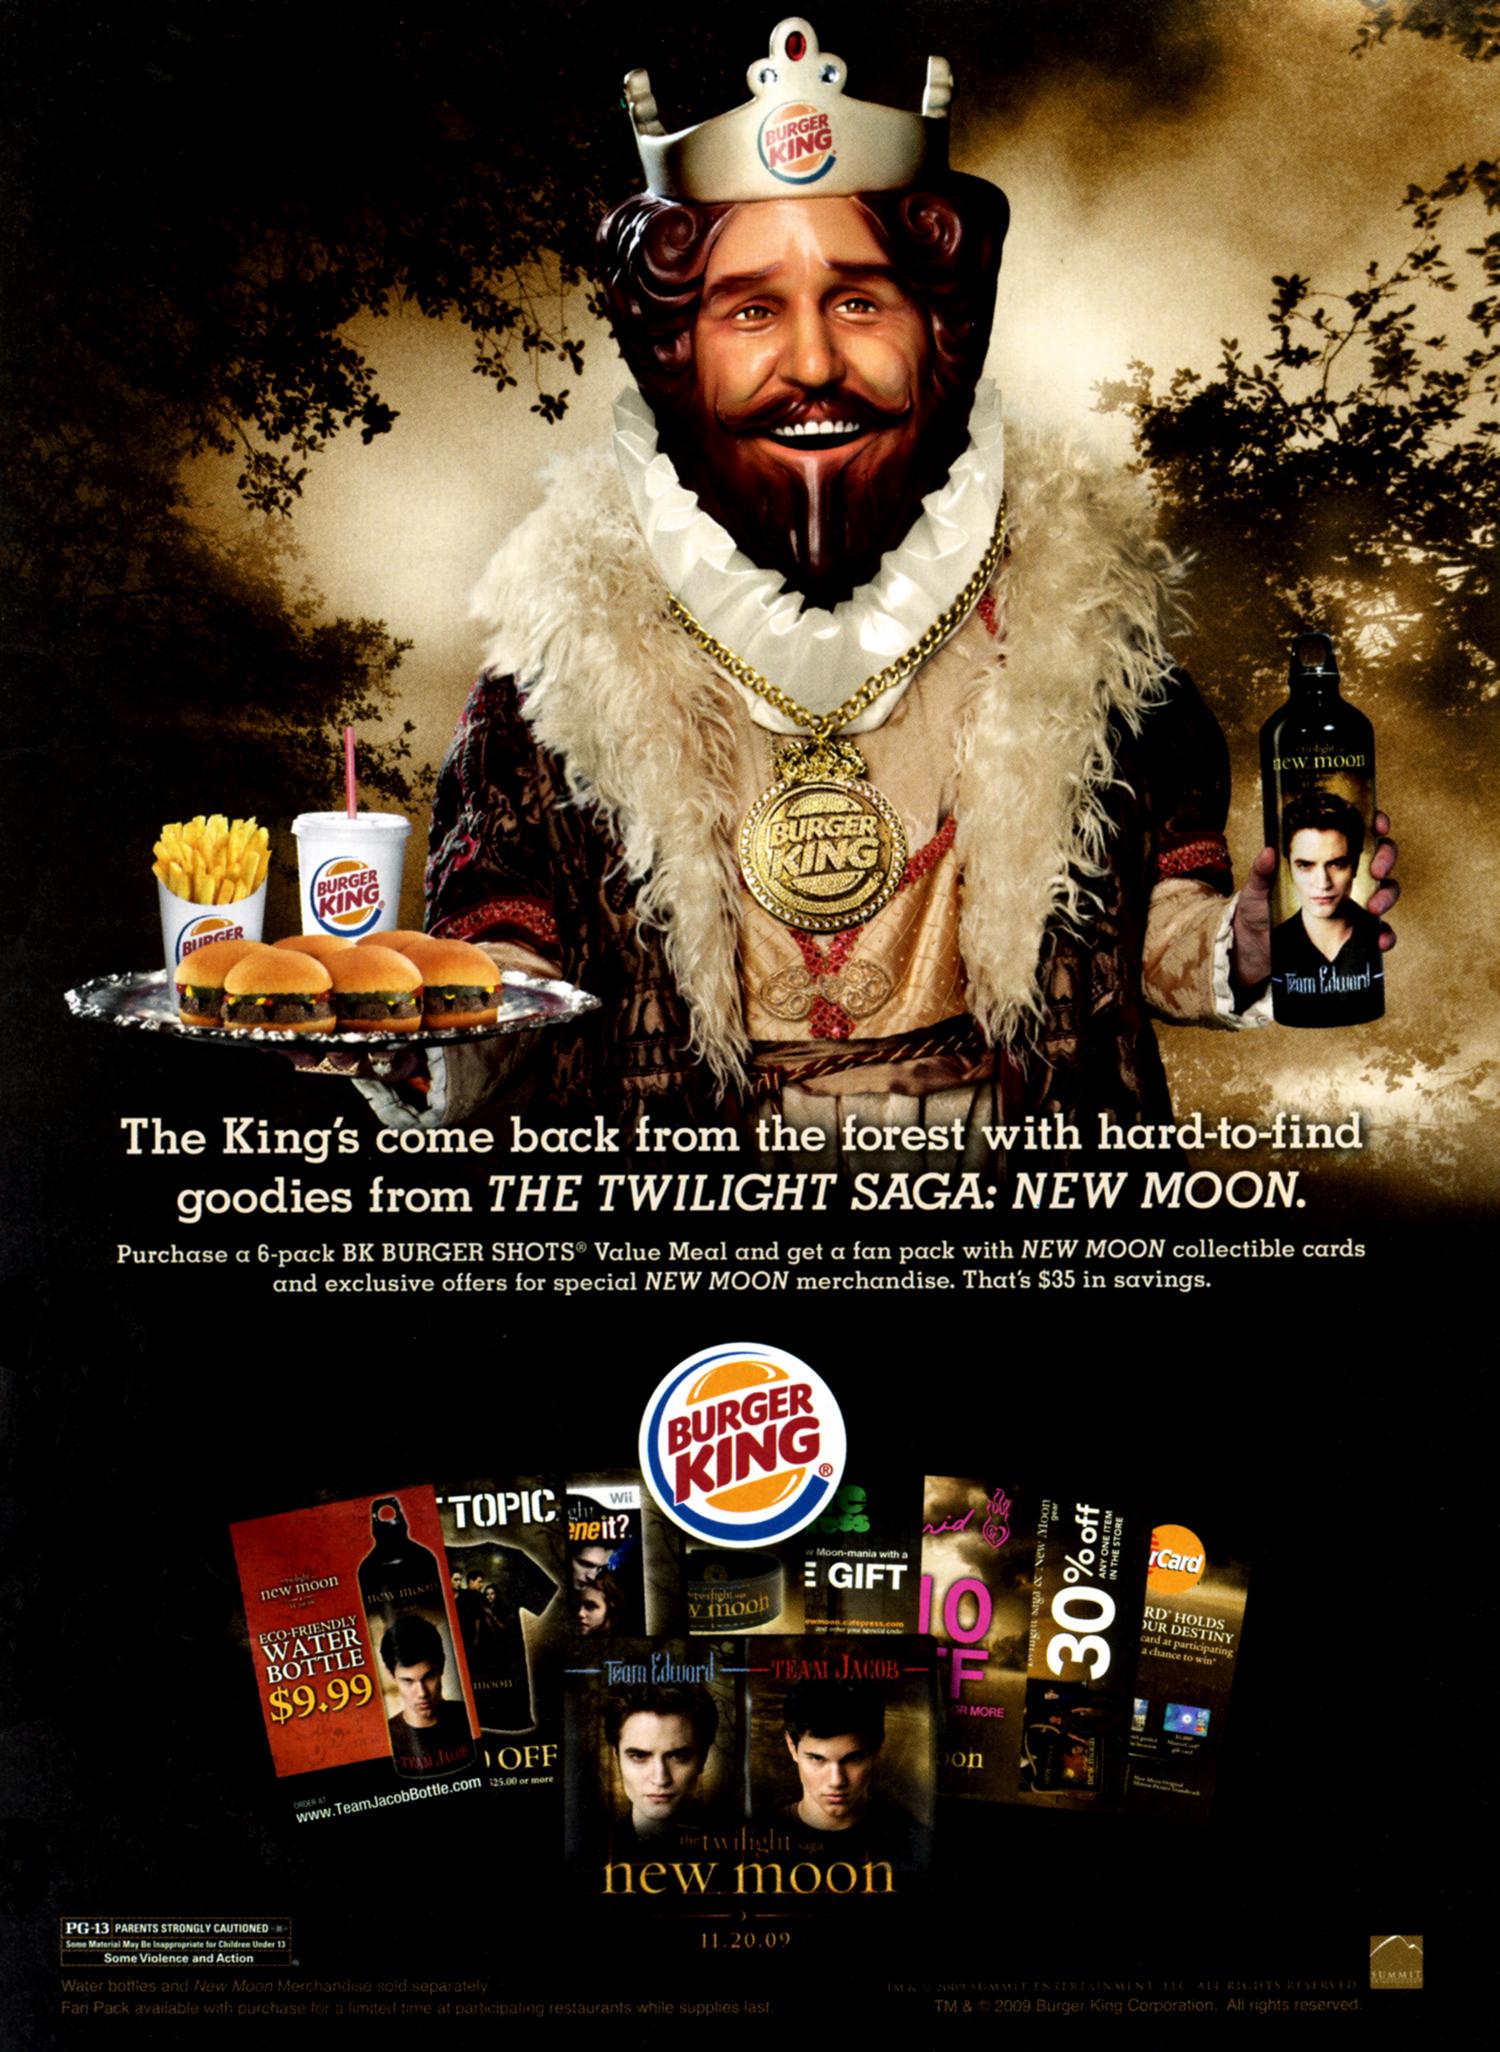 burger.king.jpg